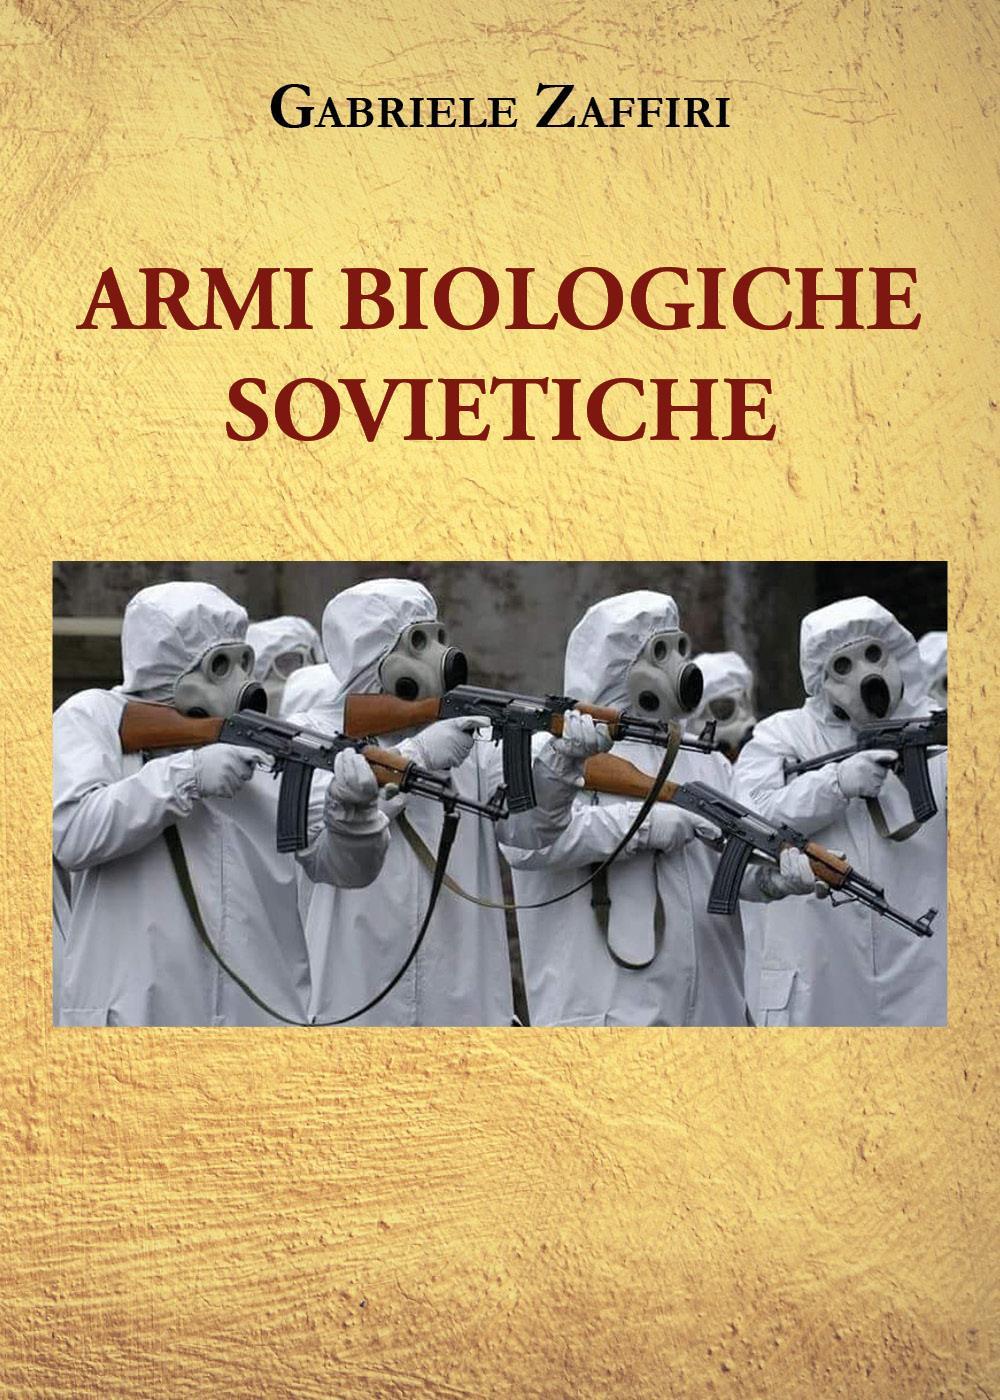 Armi Biologiche sovietiche